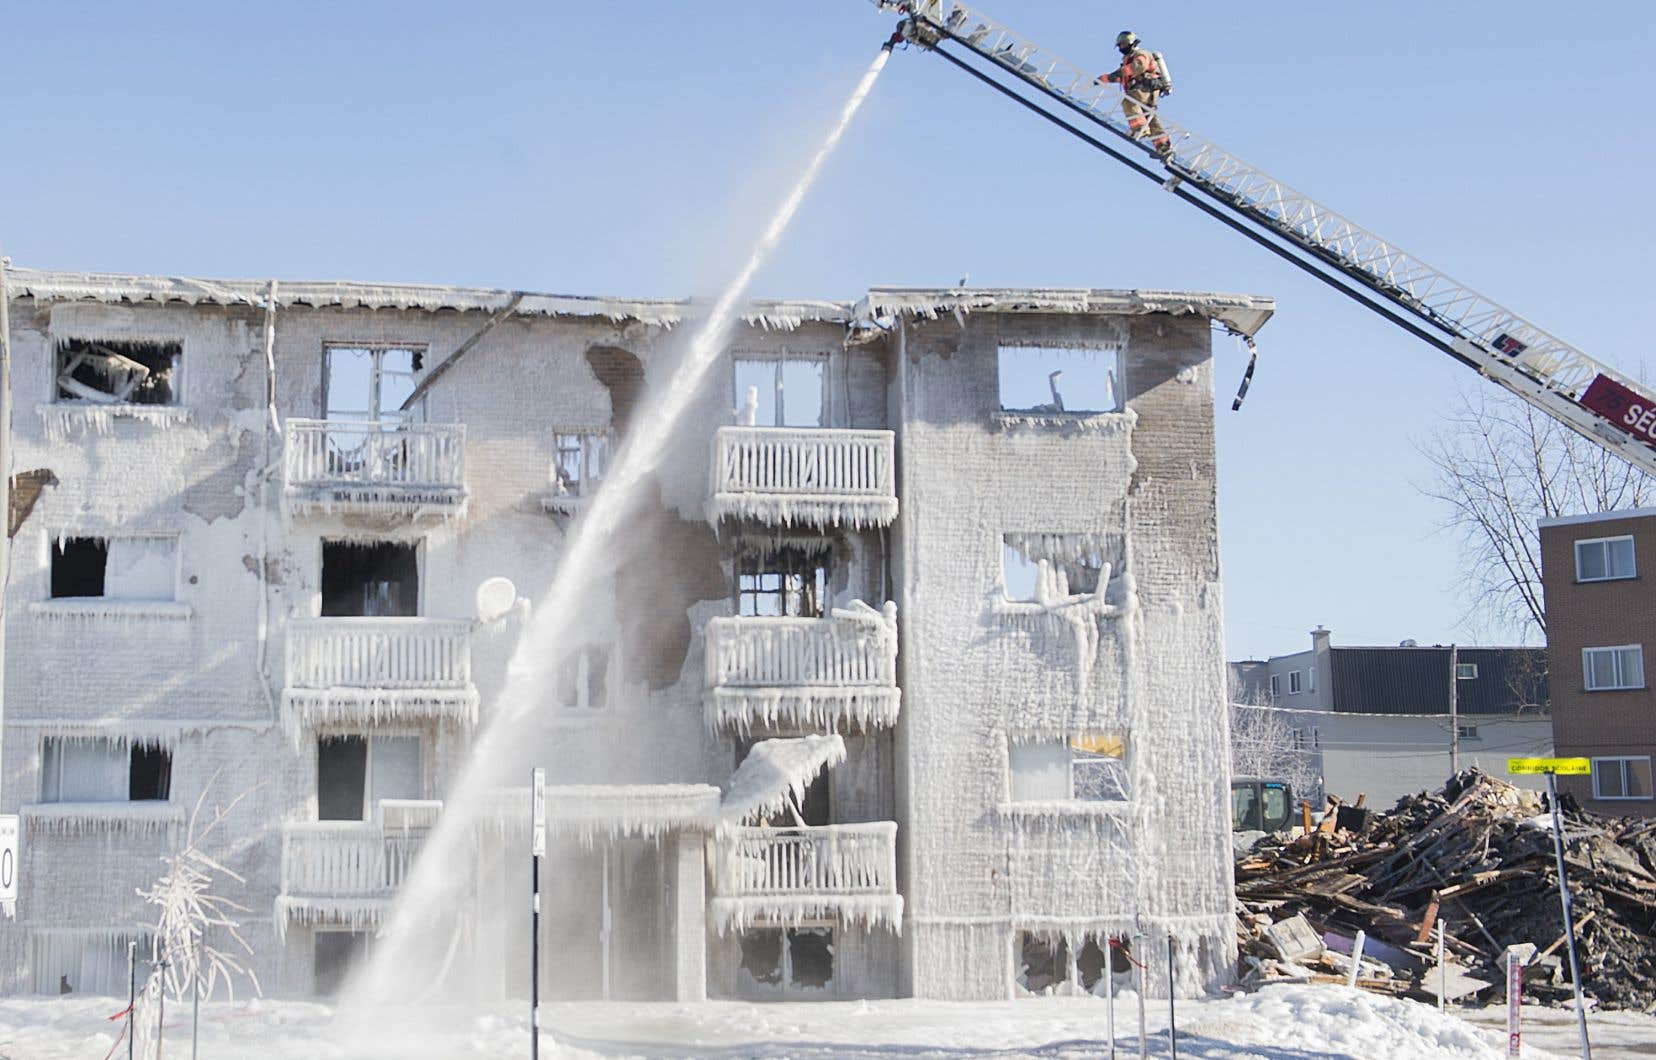 Les forts vents ont compliqué considérablement la tâche des pompiers qui étaient toujours une centaine à combattre le brasier six heures plus tard.